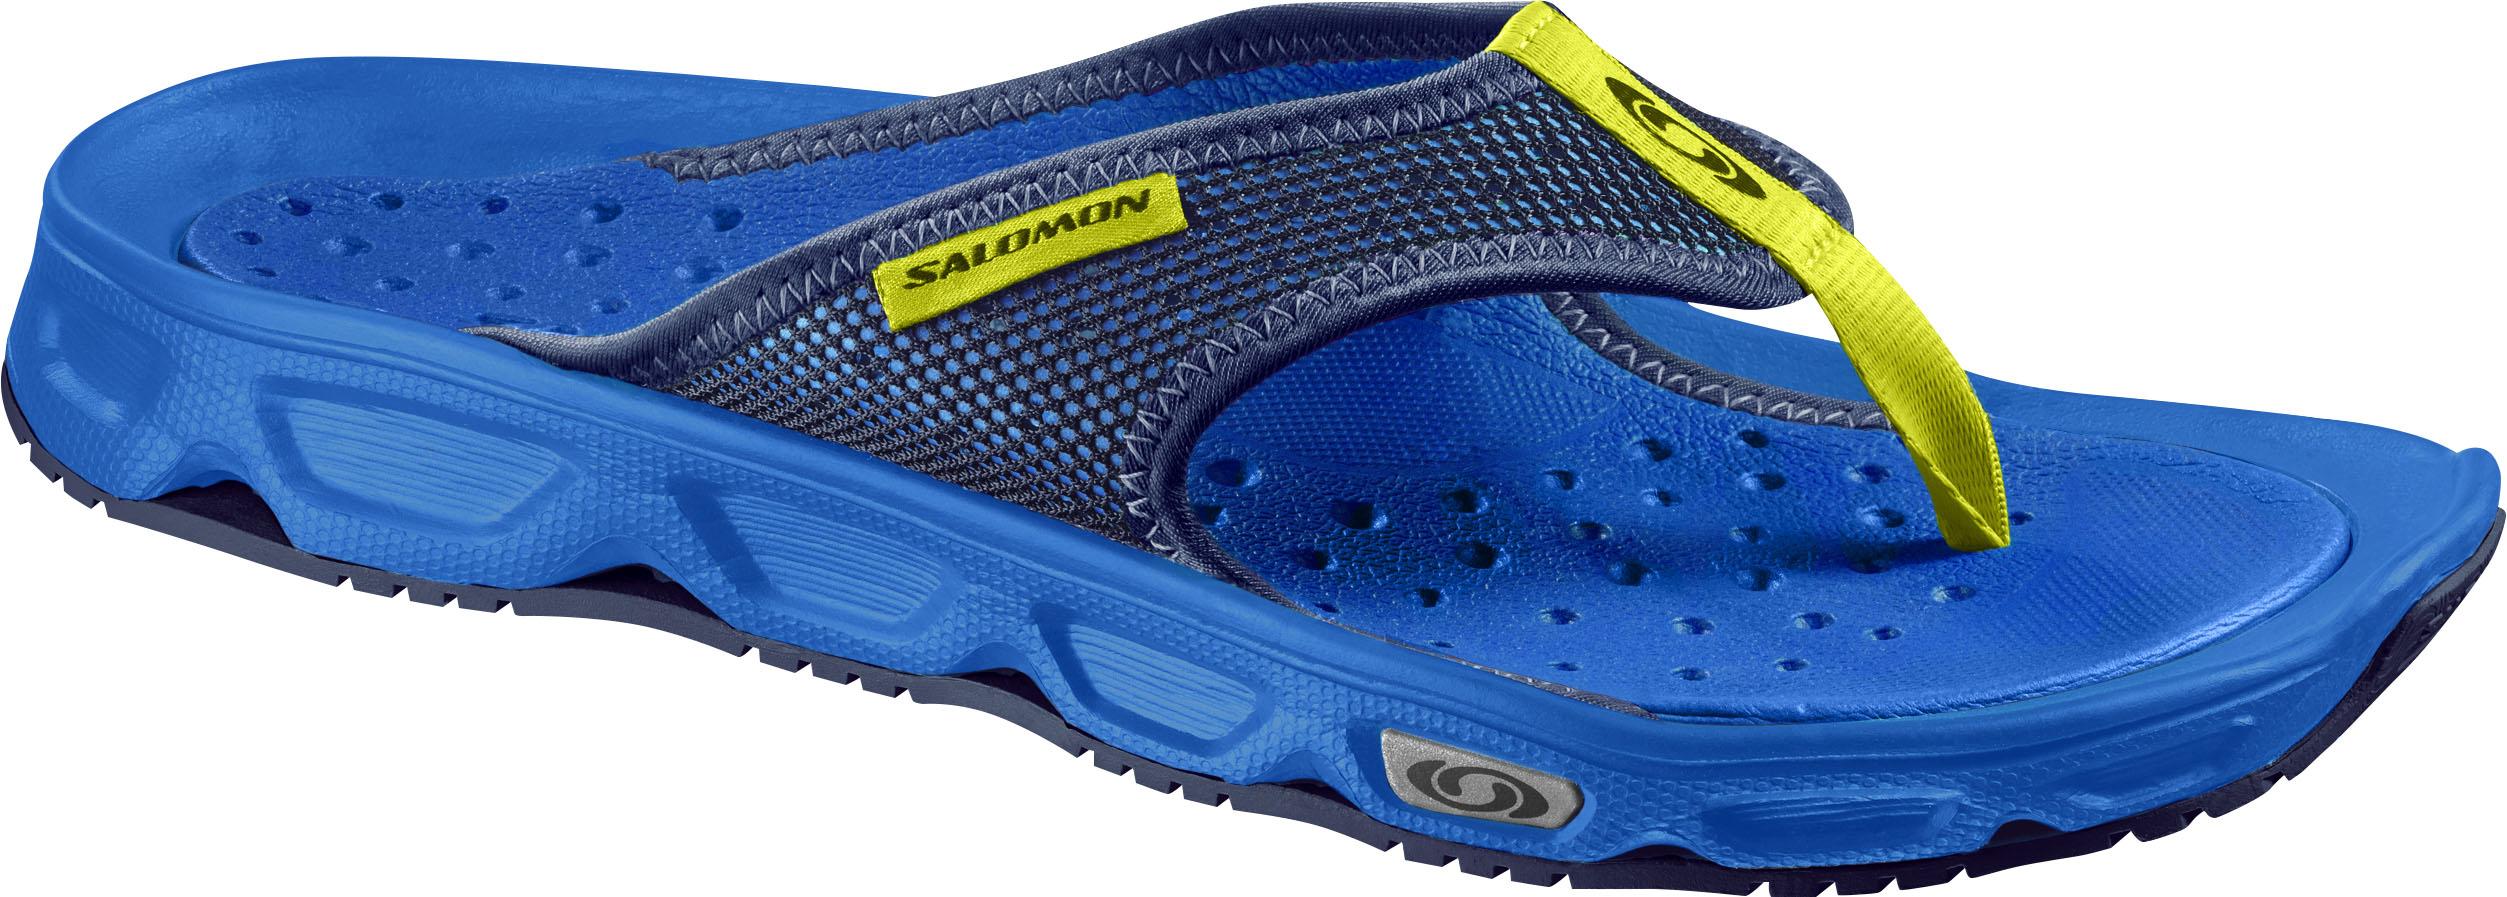 Salomon RX Break 381607 modrá 42